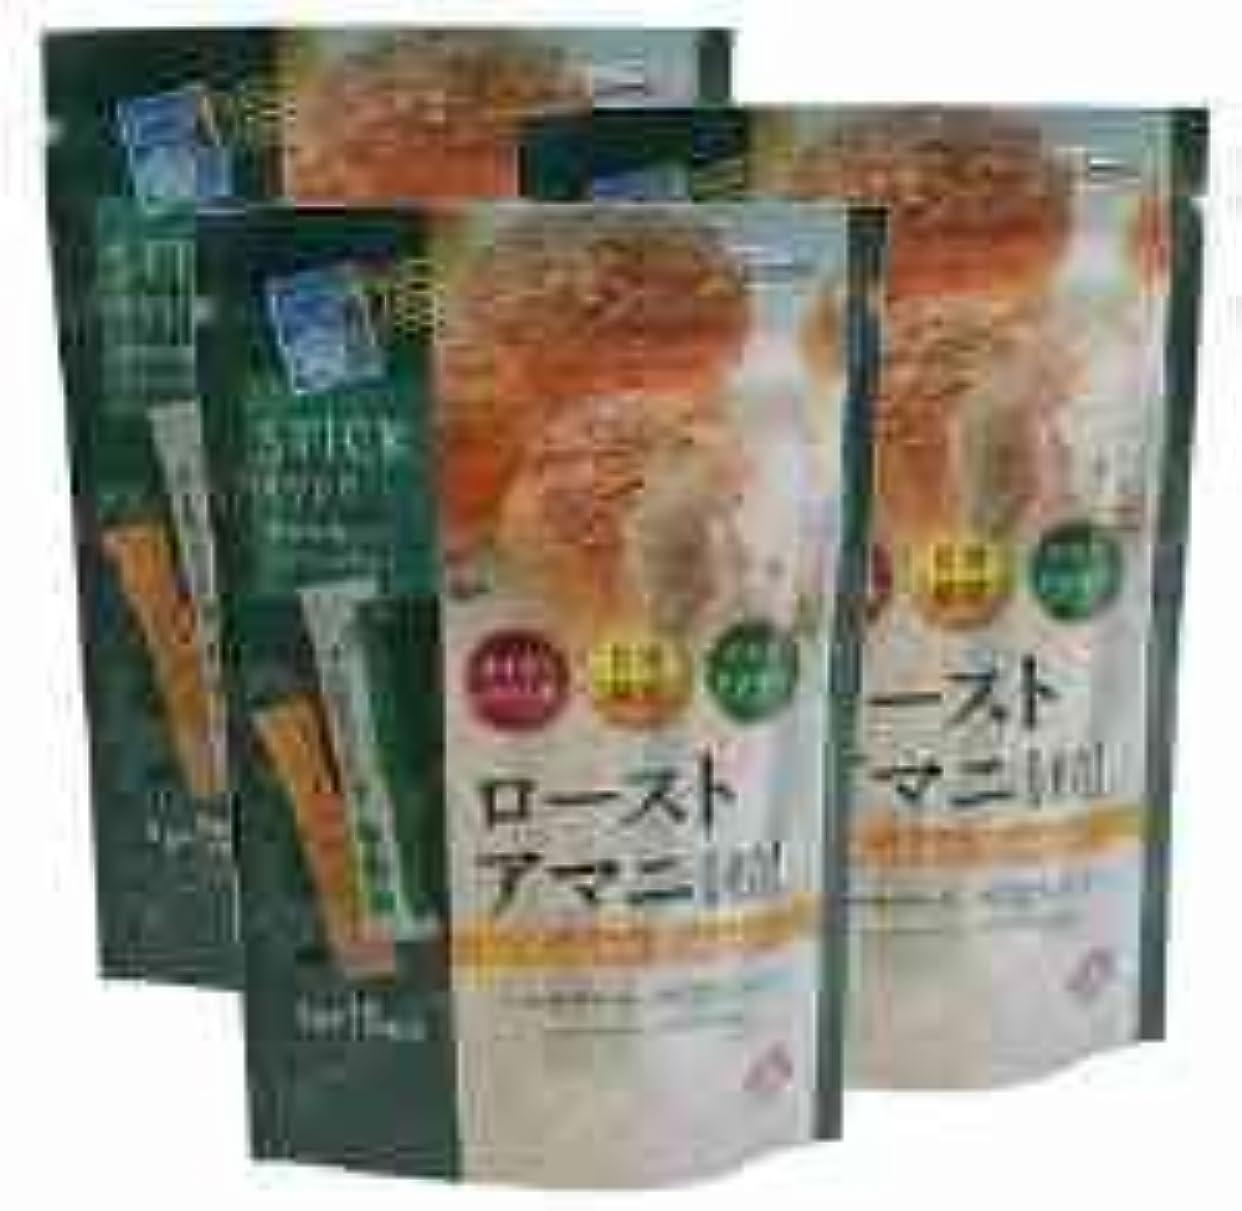 試験優先権記者ローストアマニ粒【3袋セット】日本製粉